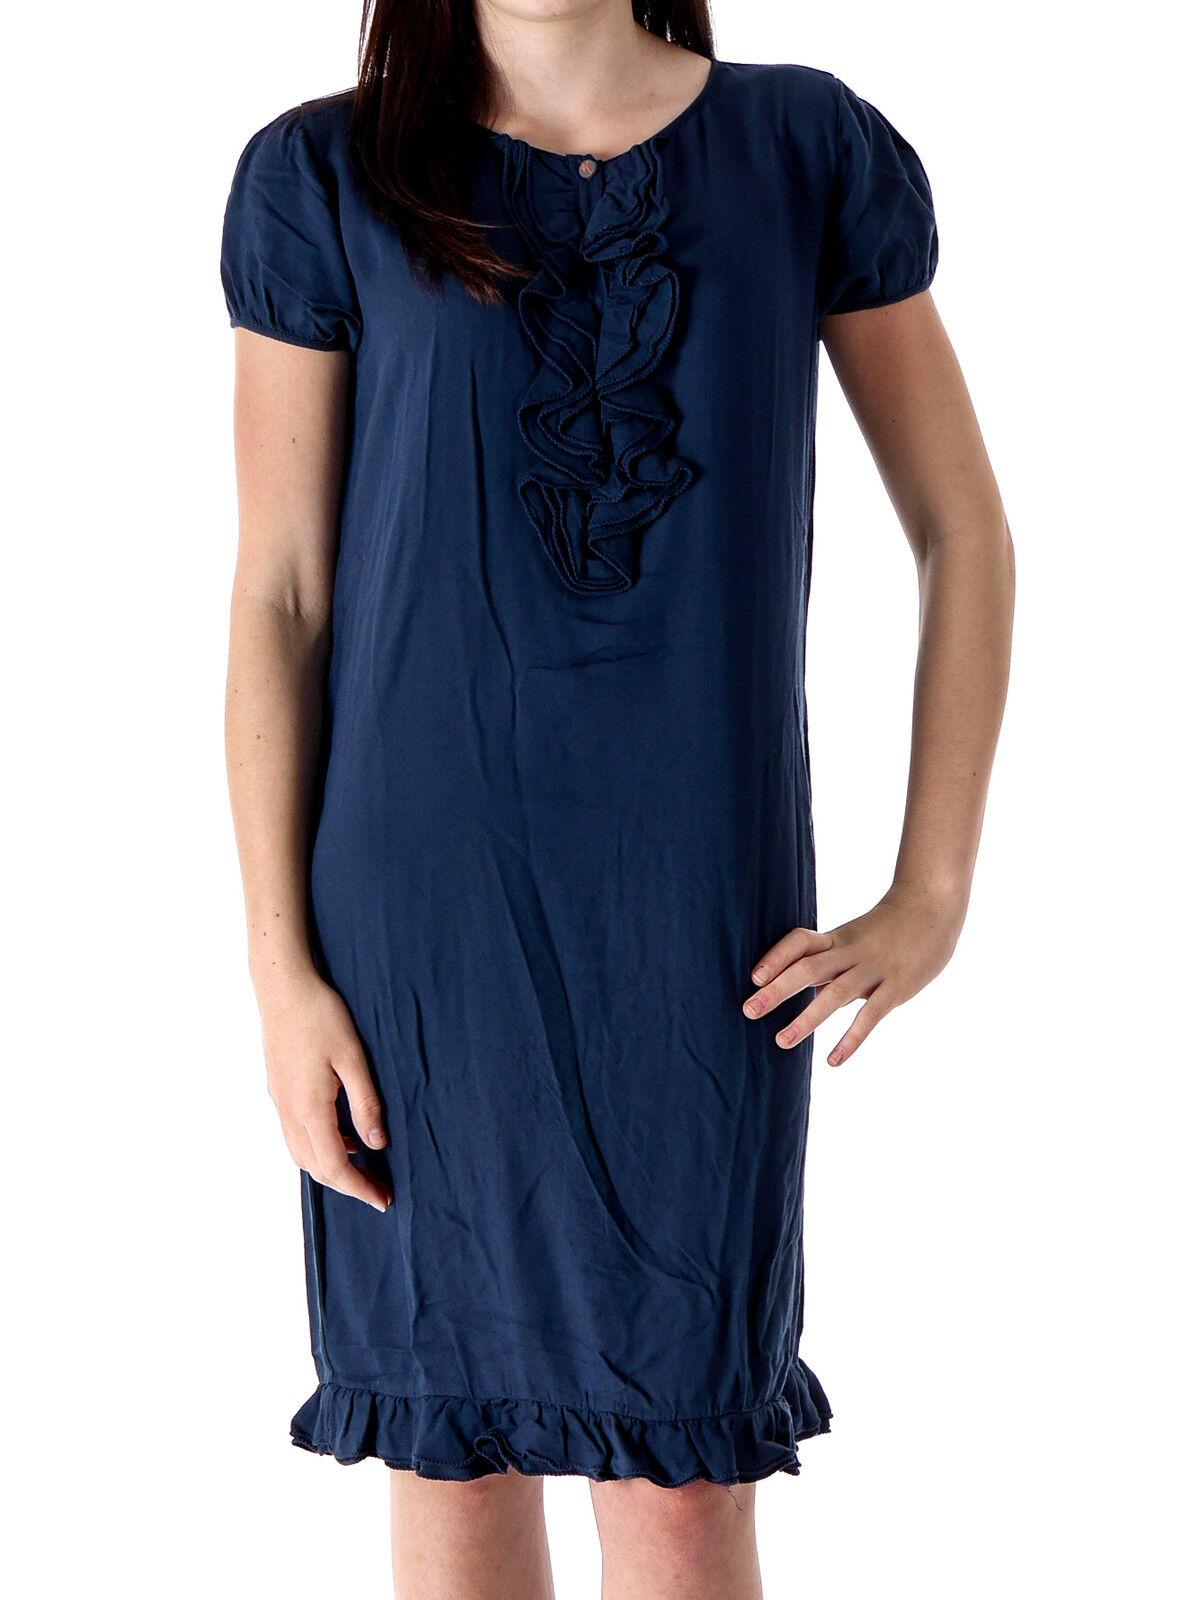 Manila Grace Kleid Shirtkleid Sommerkleid College blau Rüschen Viskose